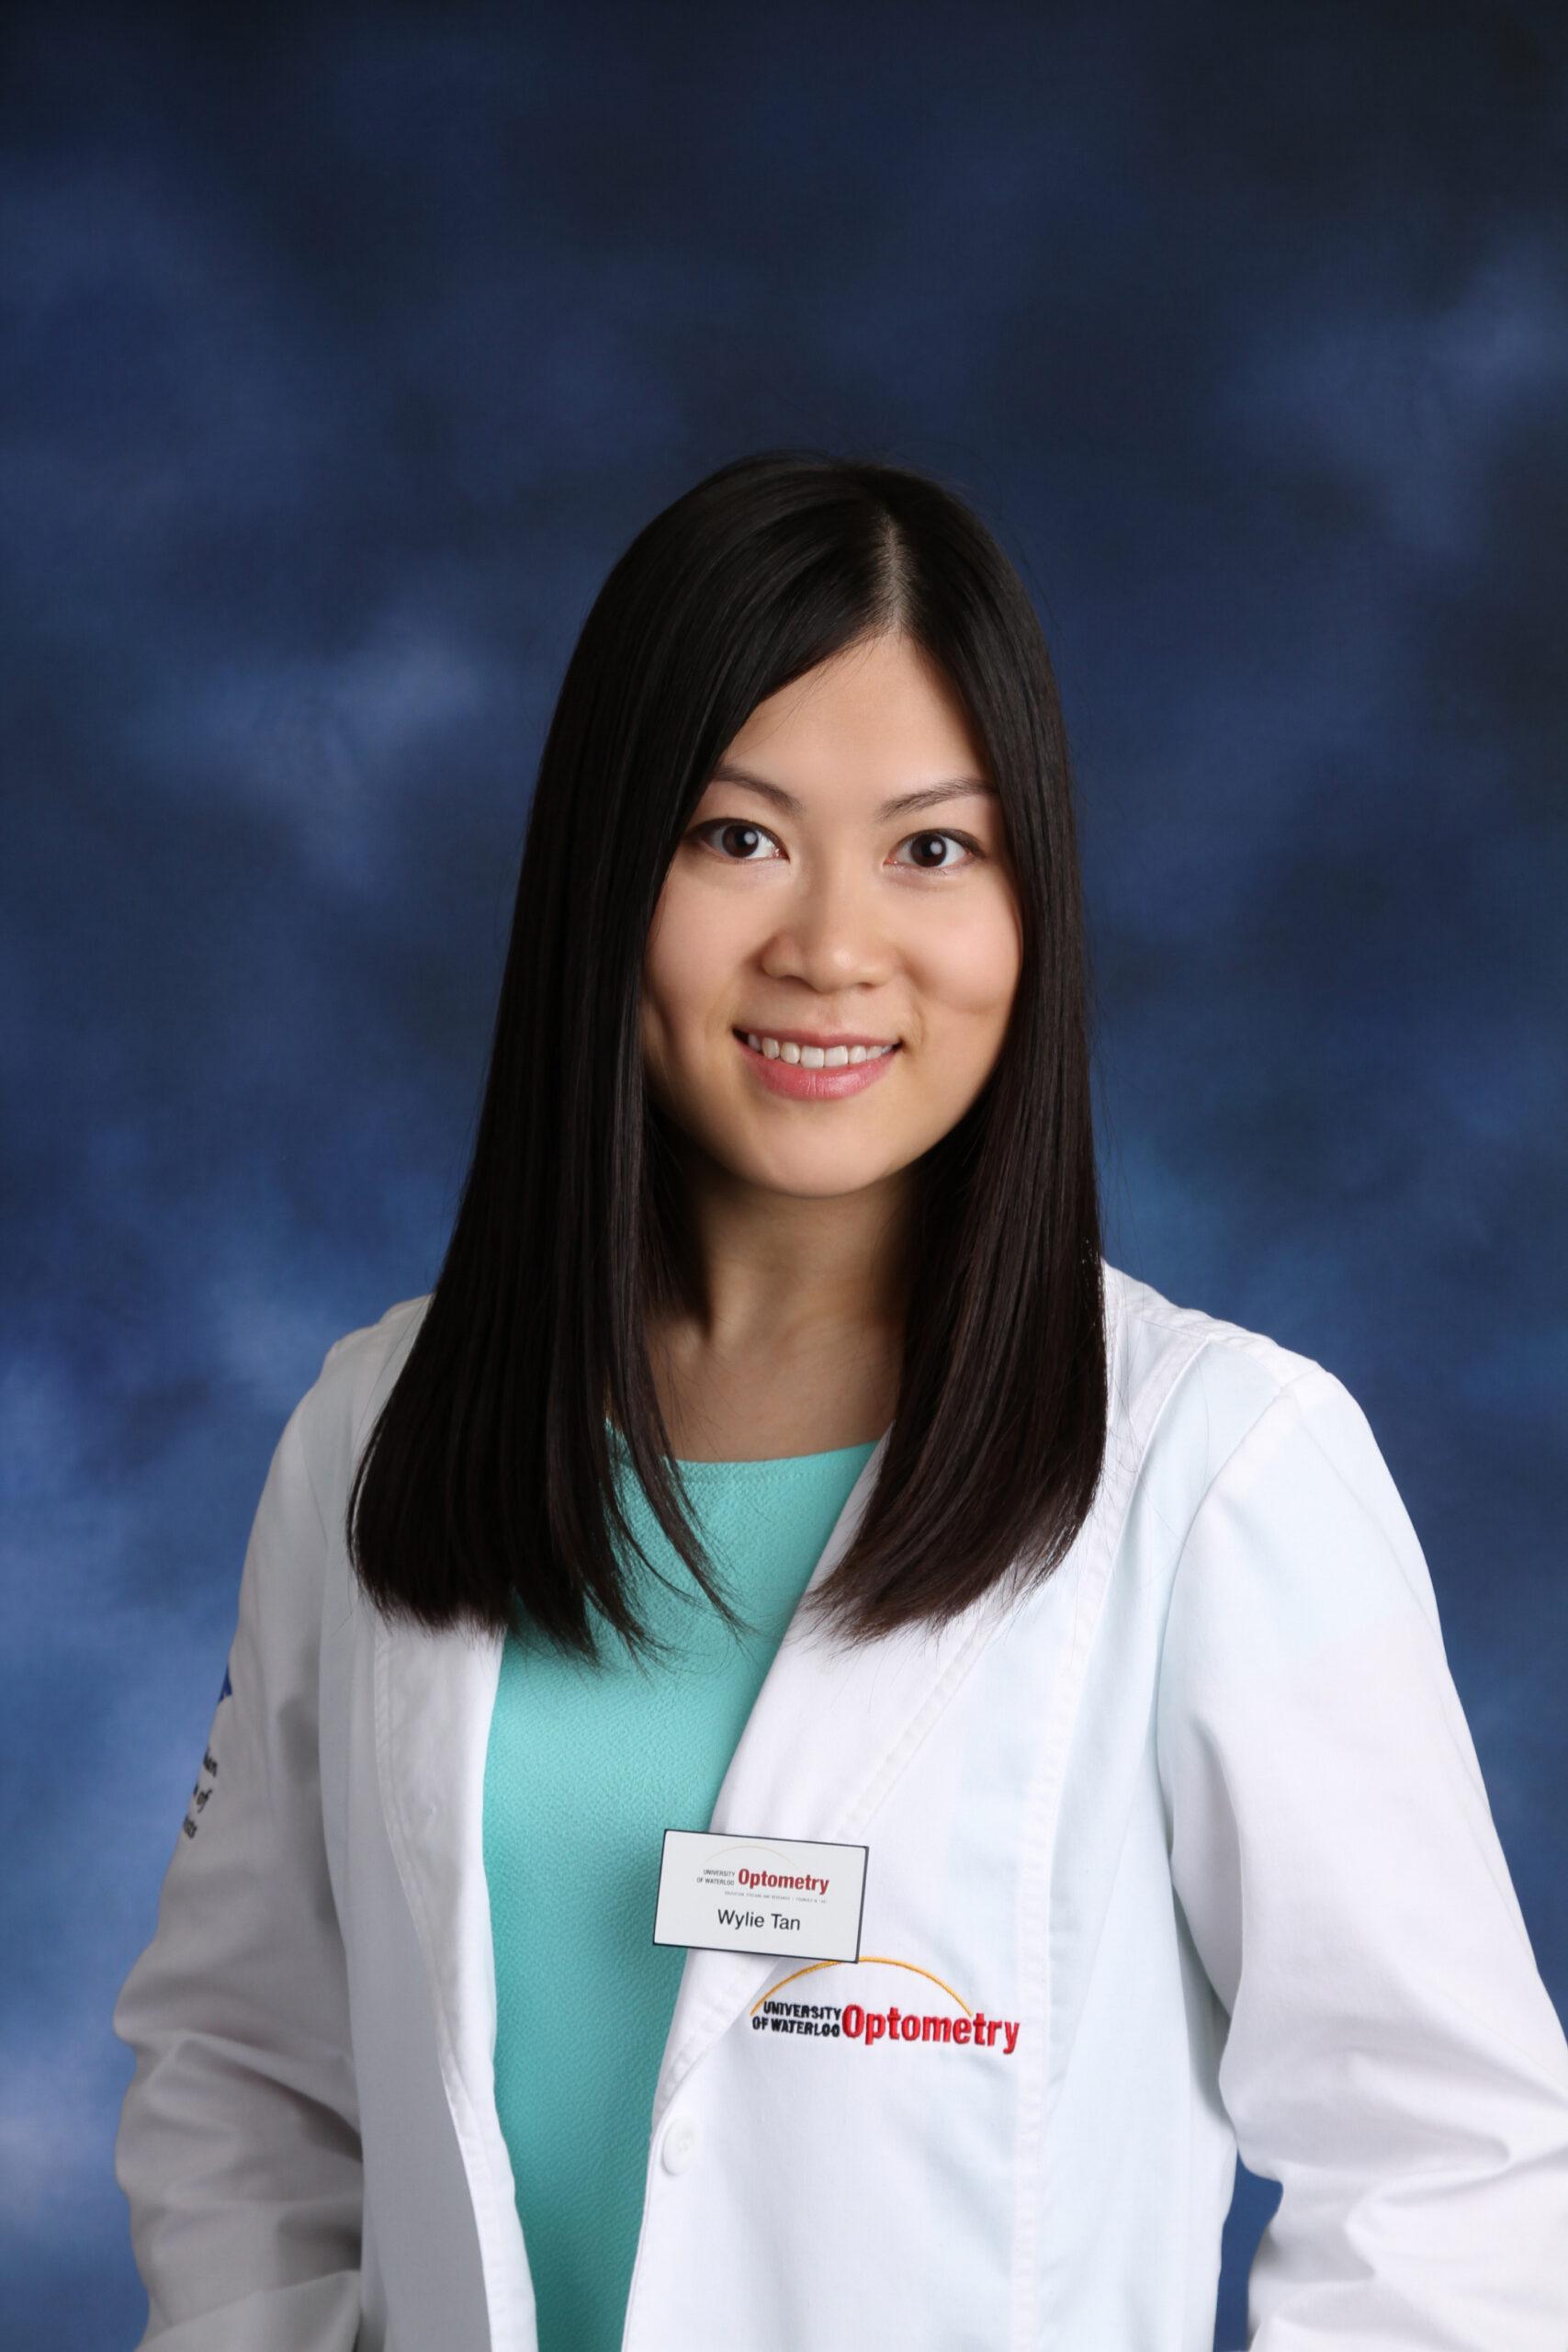 Dr. Wylie Tan